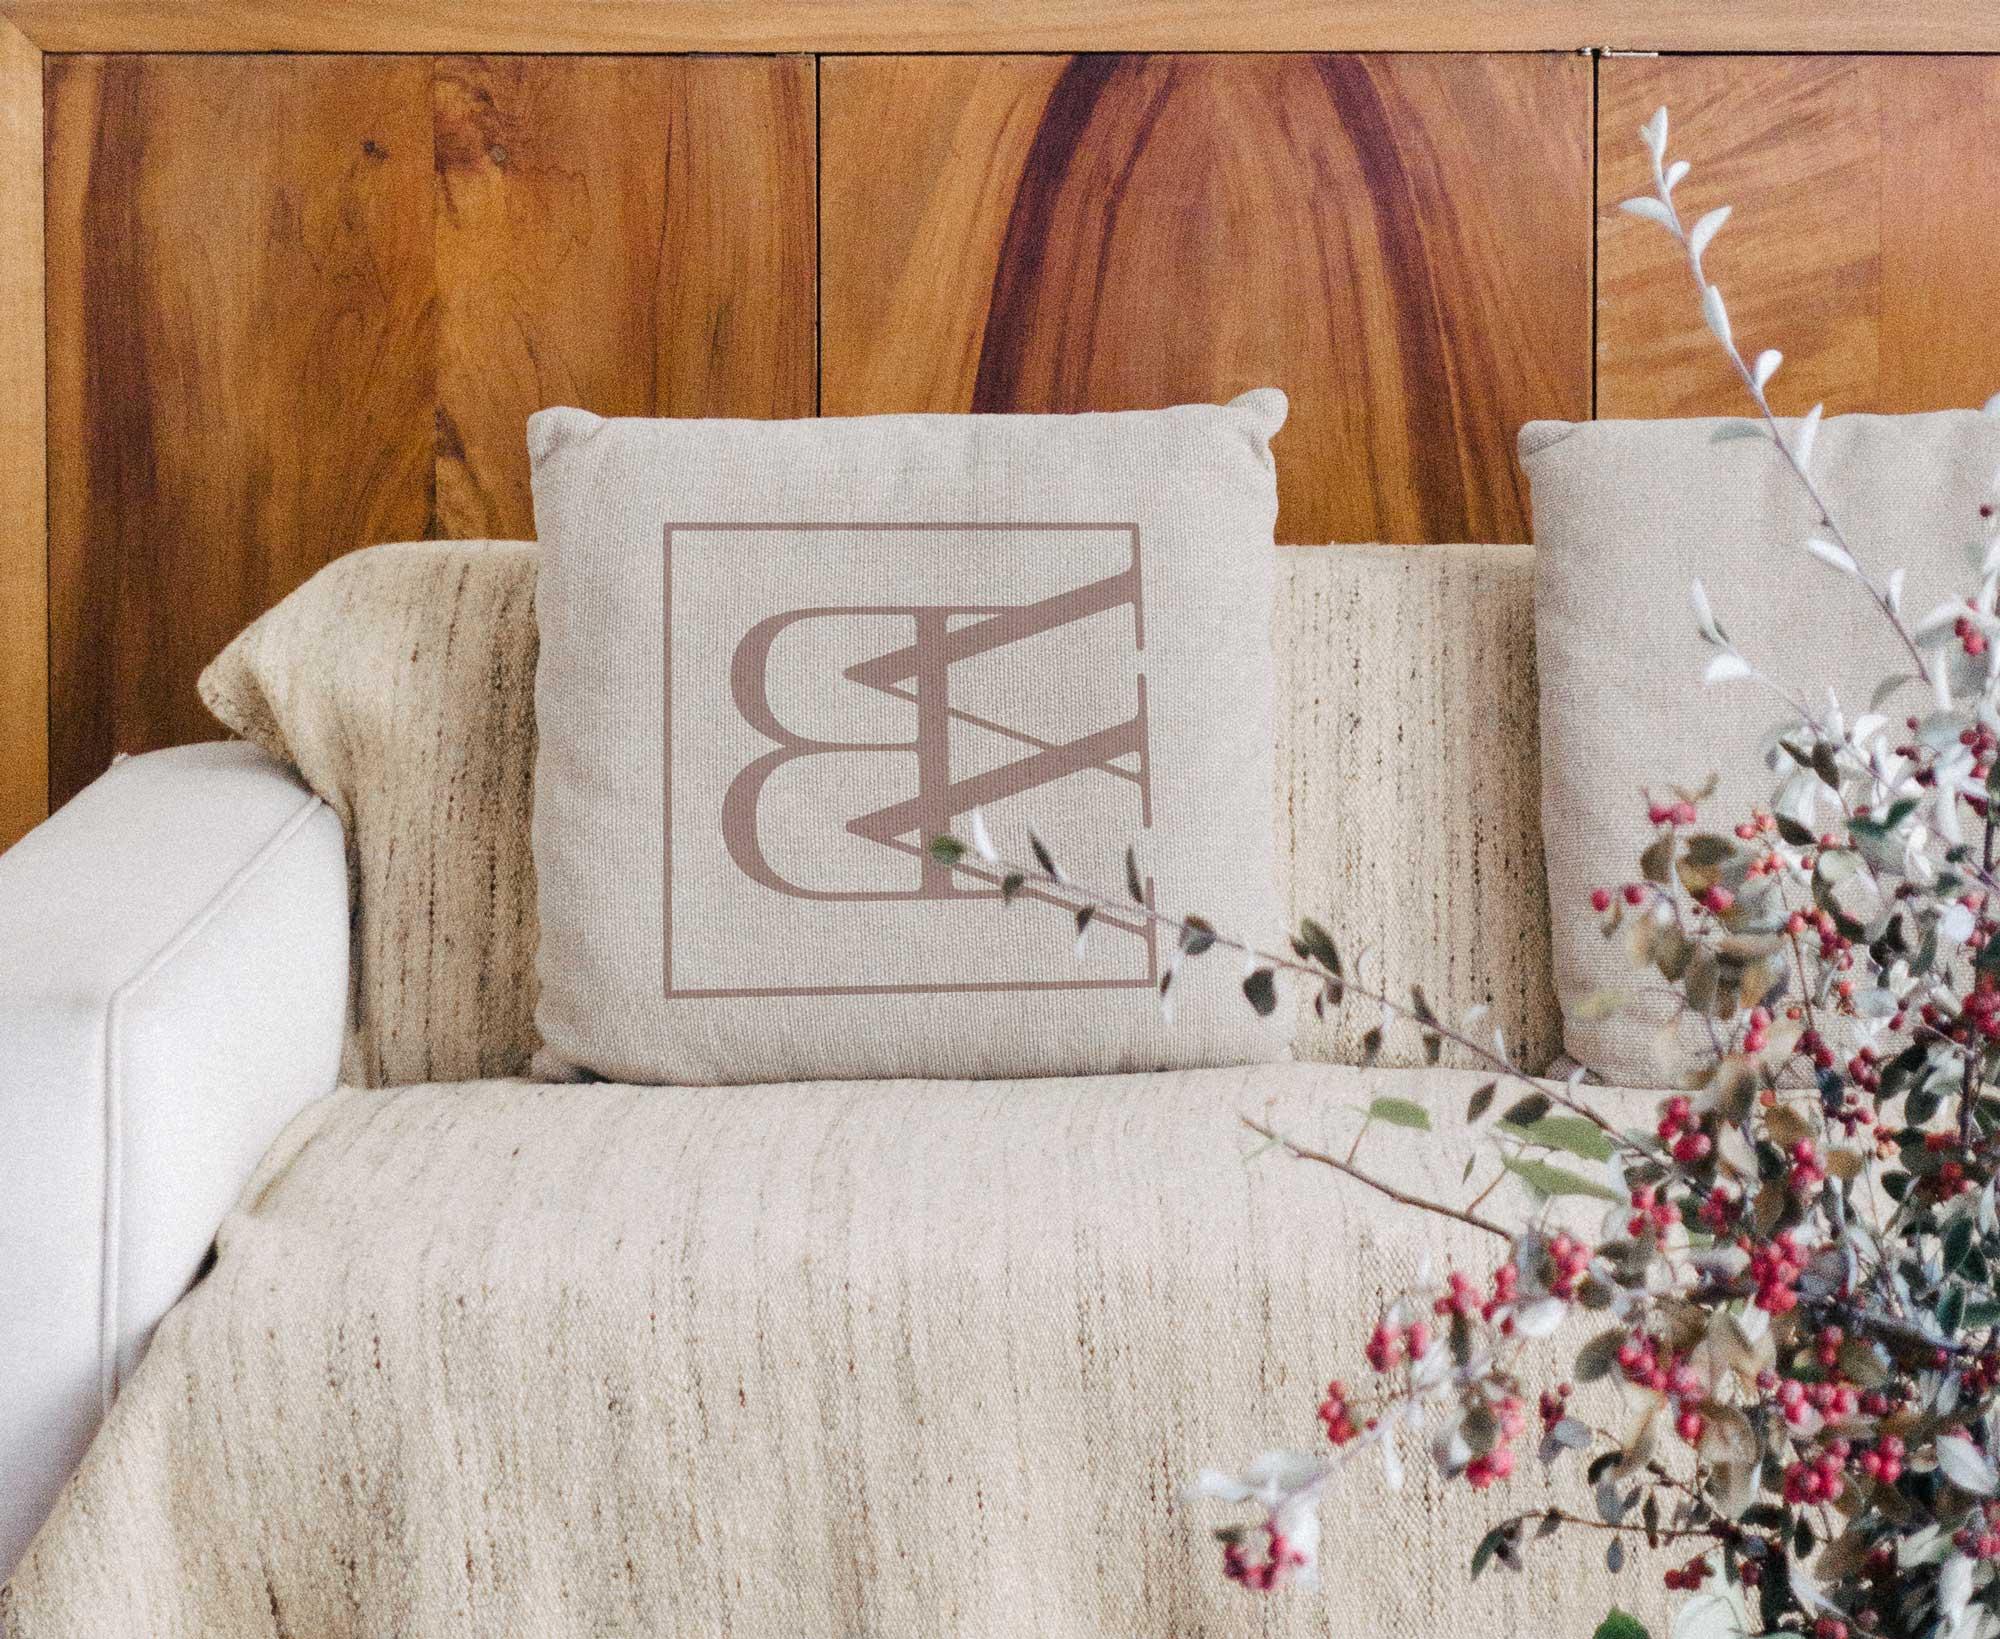 Beechwood-ranch-pillow.jpg